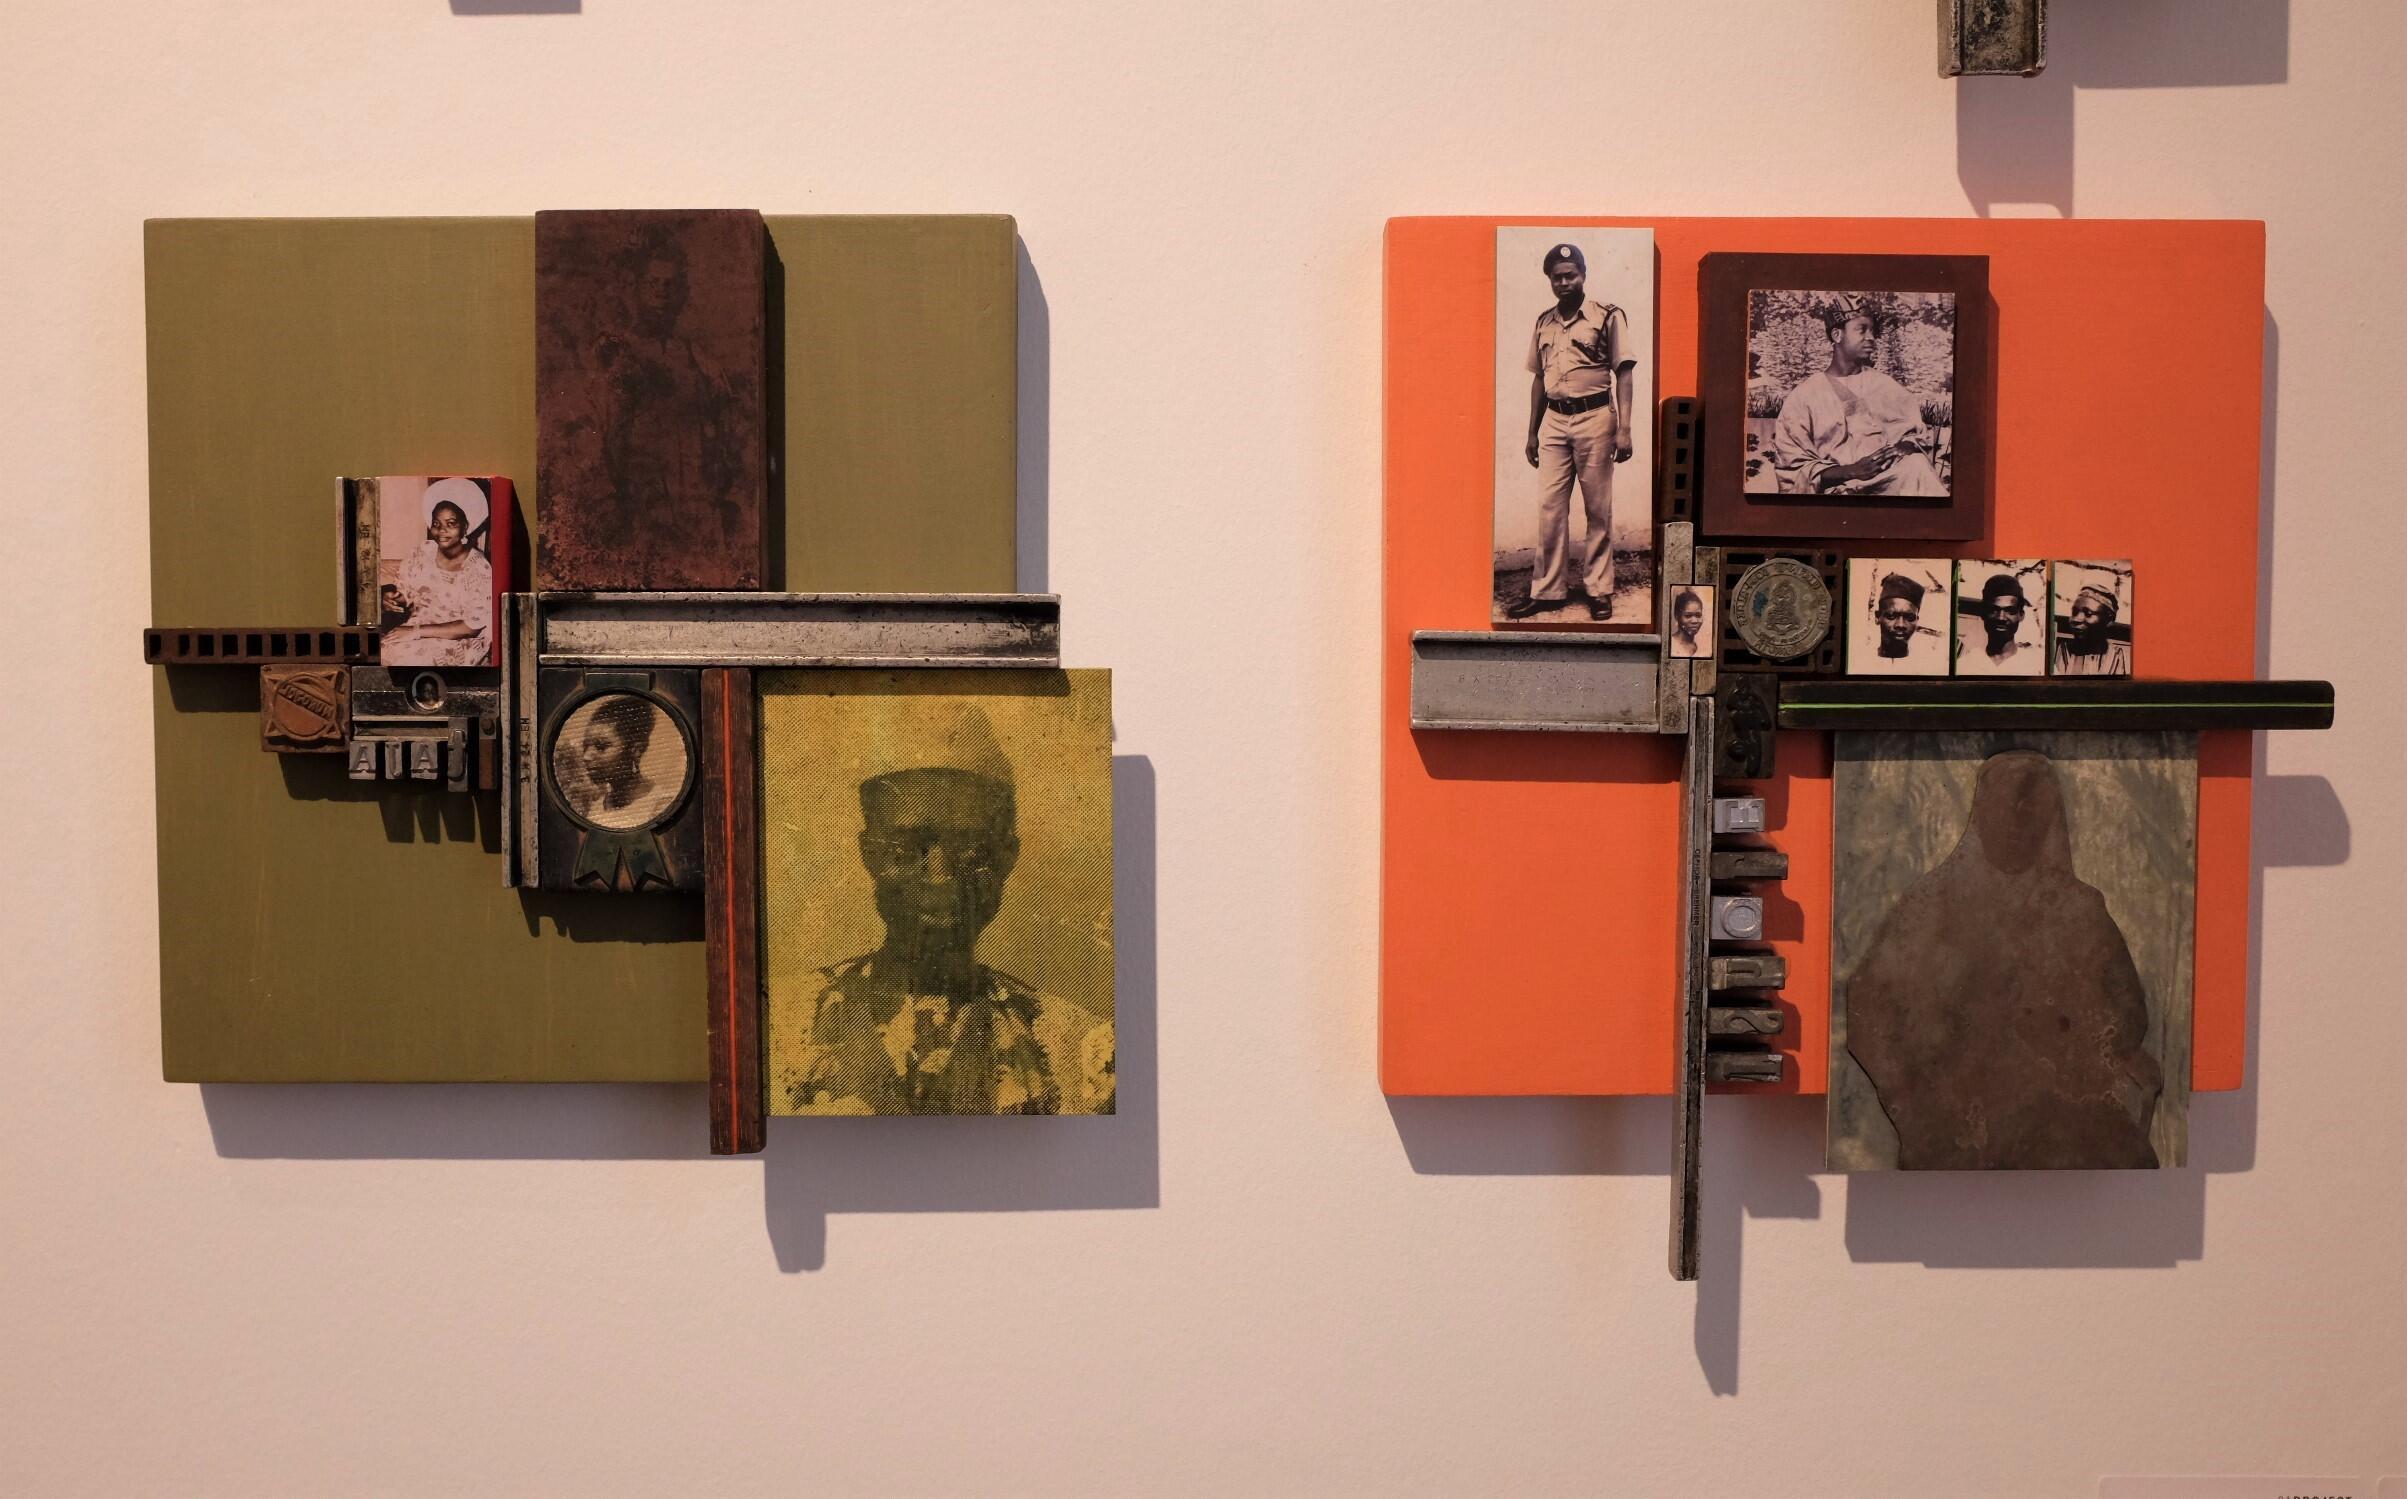 Œuvres de la série « Scrap of Evidence » (2020), de l'artiste nigérian Kelani Abass, présentées par la galerie 31 Project à la foire d'art contemporain africain 1-54 à Paris.  © Siegfried Forster / RFI